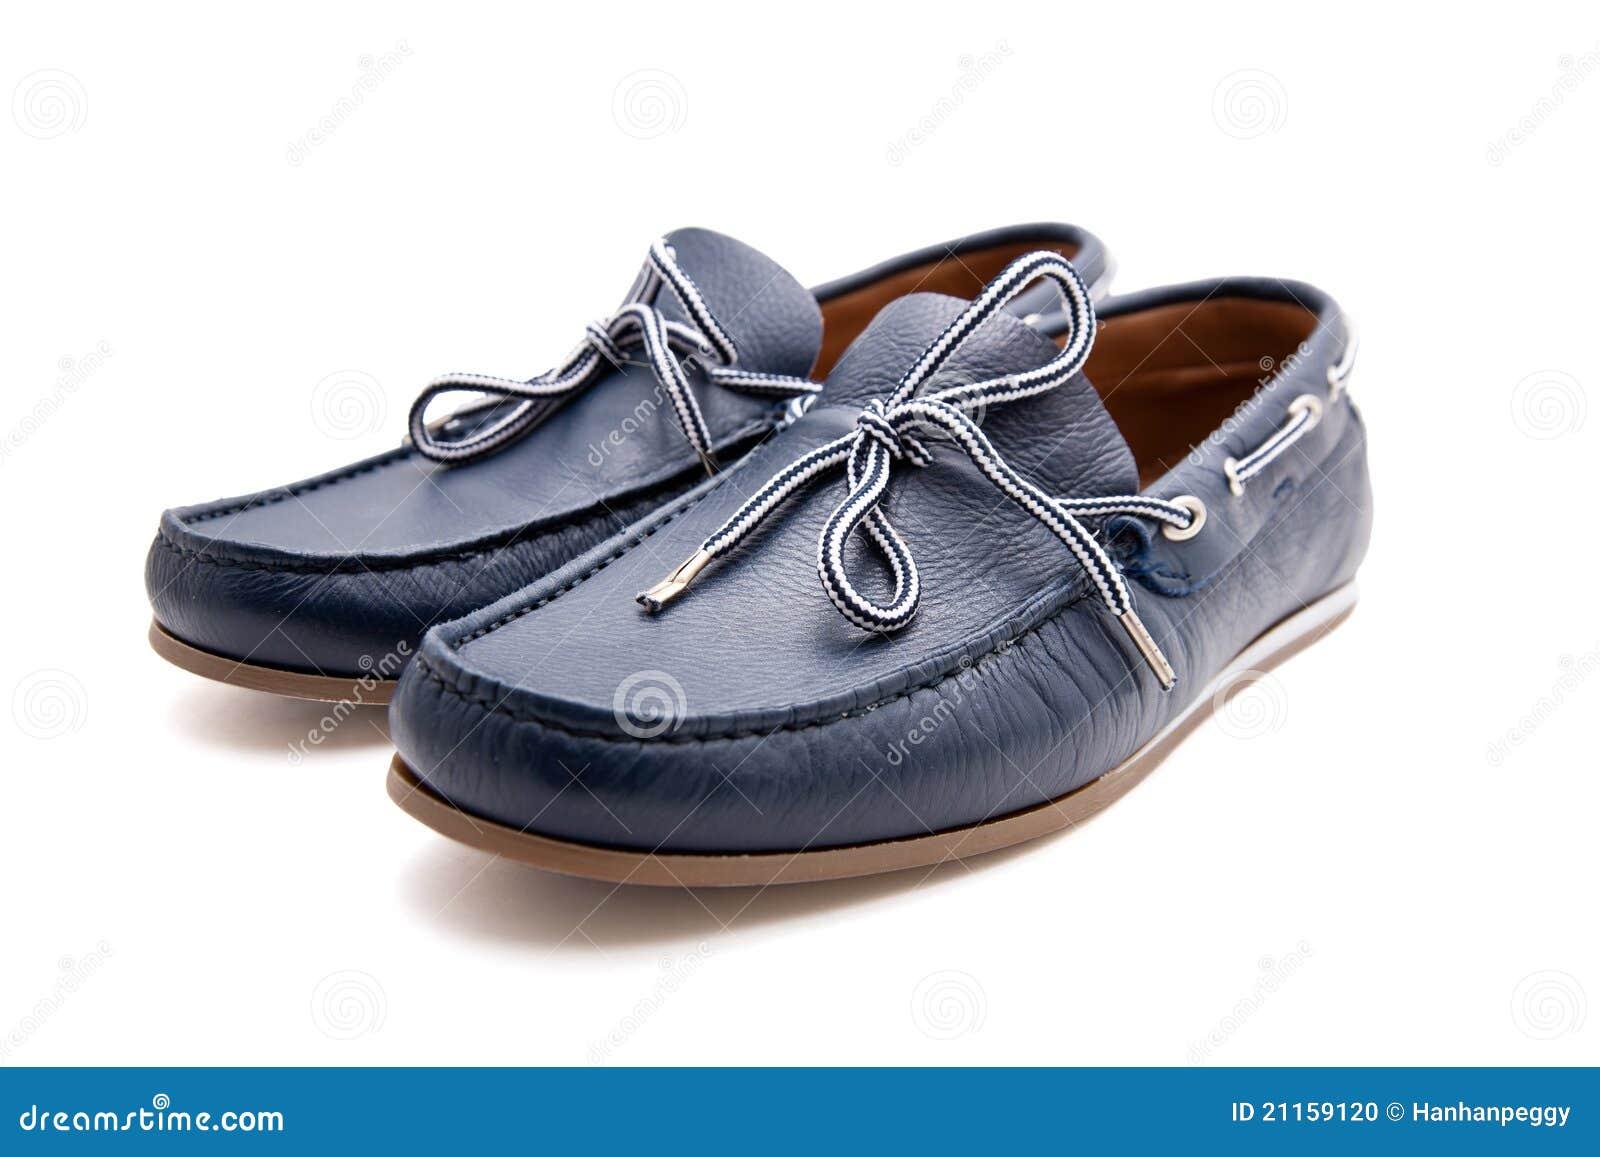 ae517e80684 περιστασιακά παπούτσια α στοκ εικόνες. εικόνα από στούντιο - 21159120